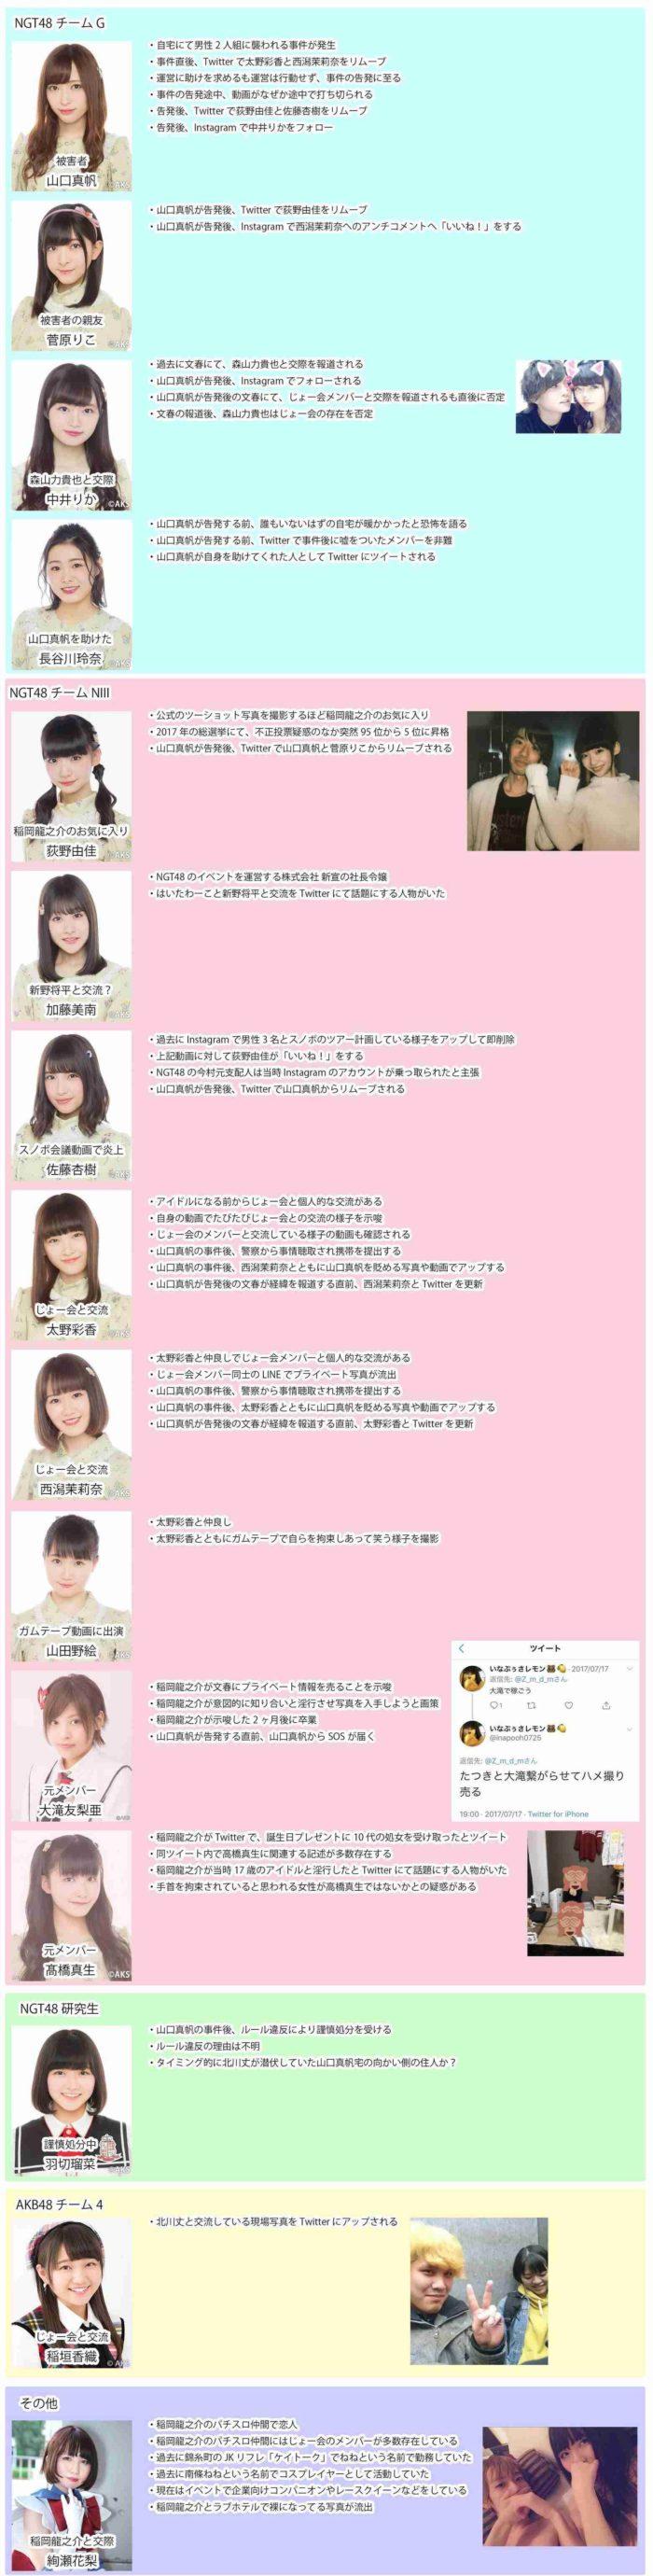 事件に関するNGT48メンバーの動き